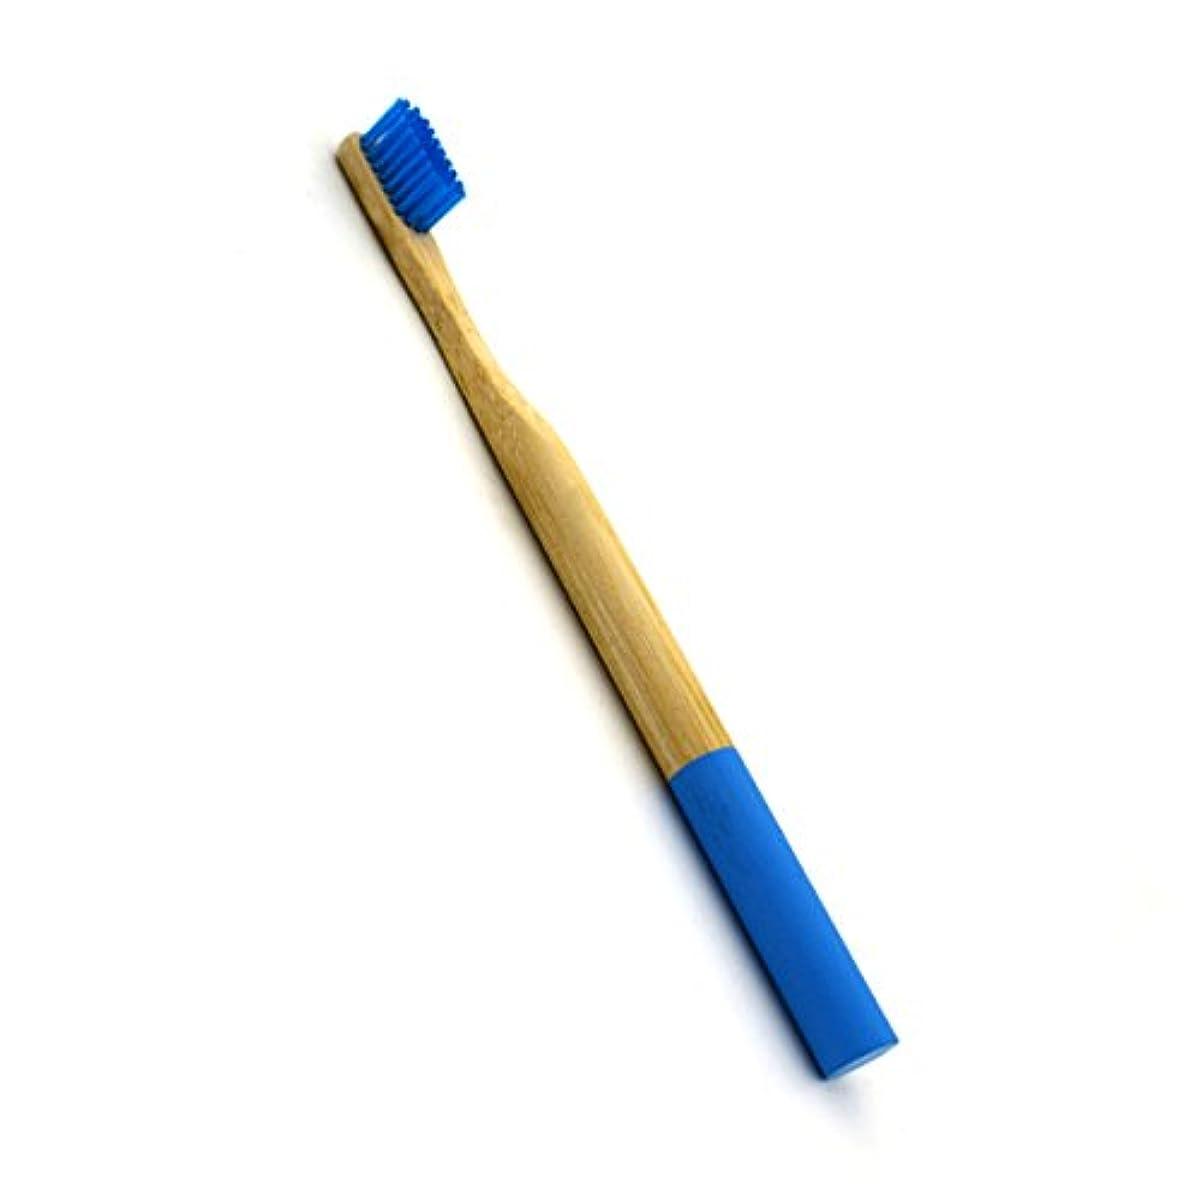 ファイナンス幻想戦いROSENICE 竹歯ブラシラウンドハンドル自然な竹成人環境にやさしいソフトブリストル旅行歯ブラシ